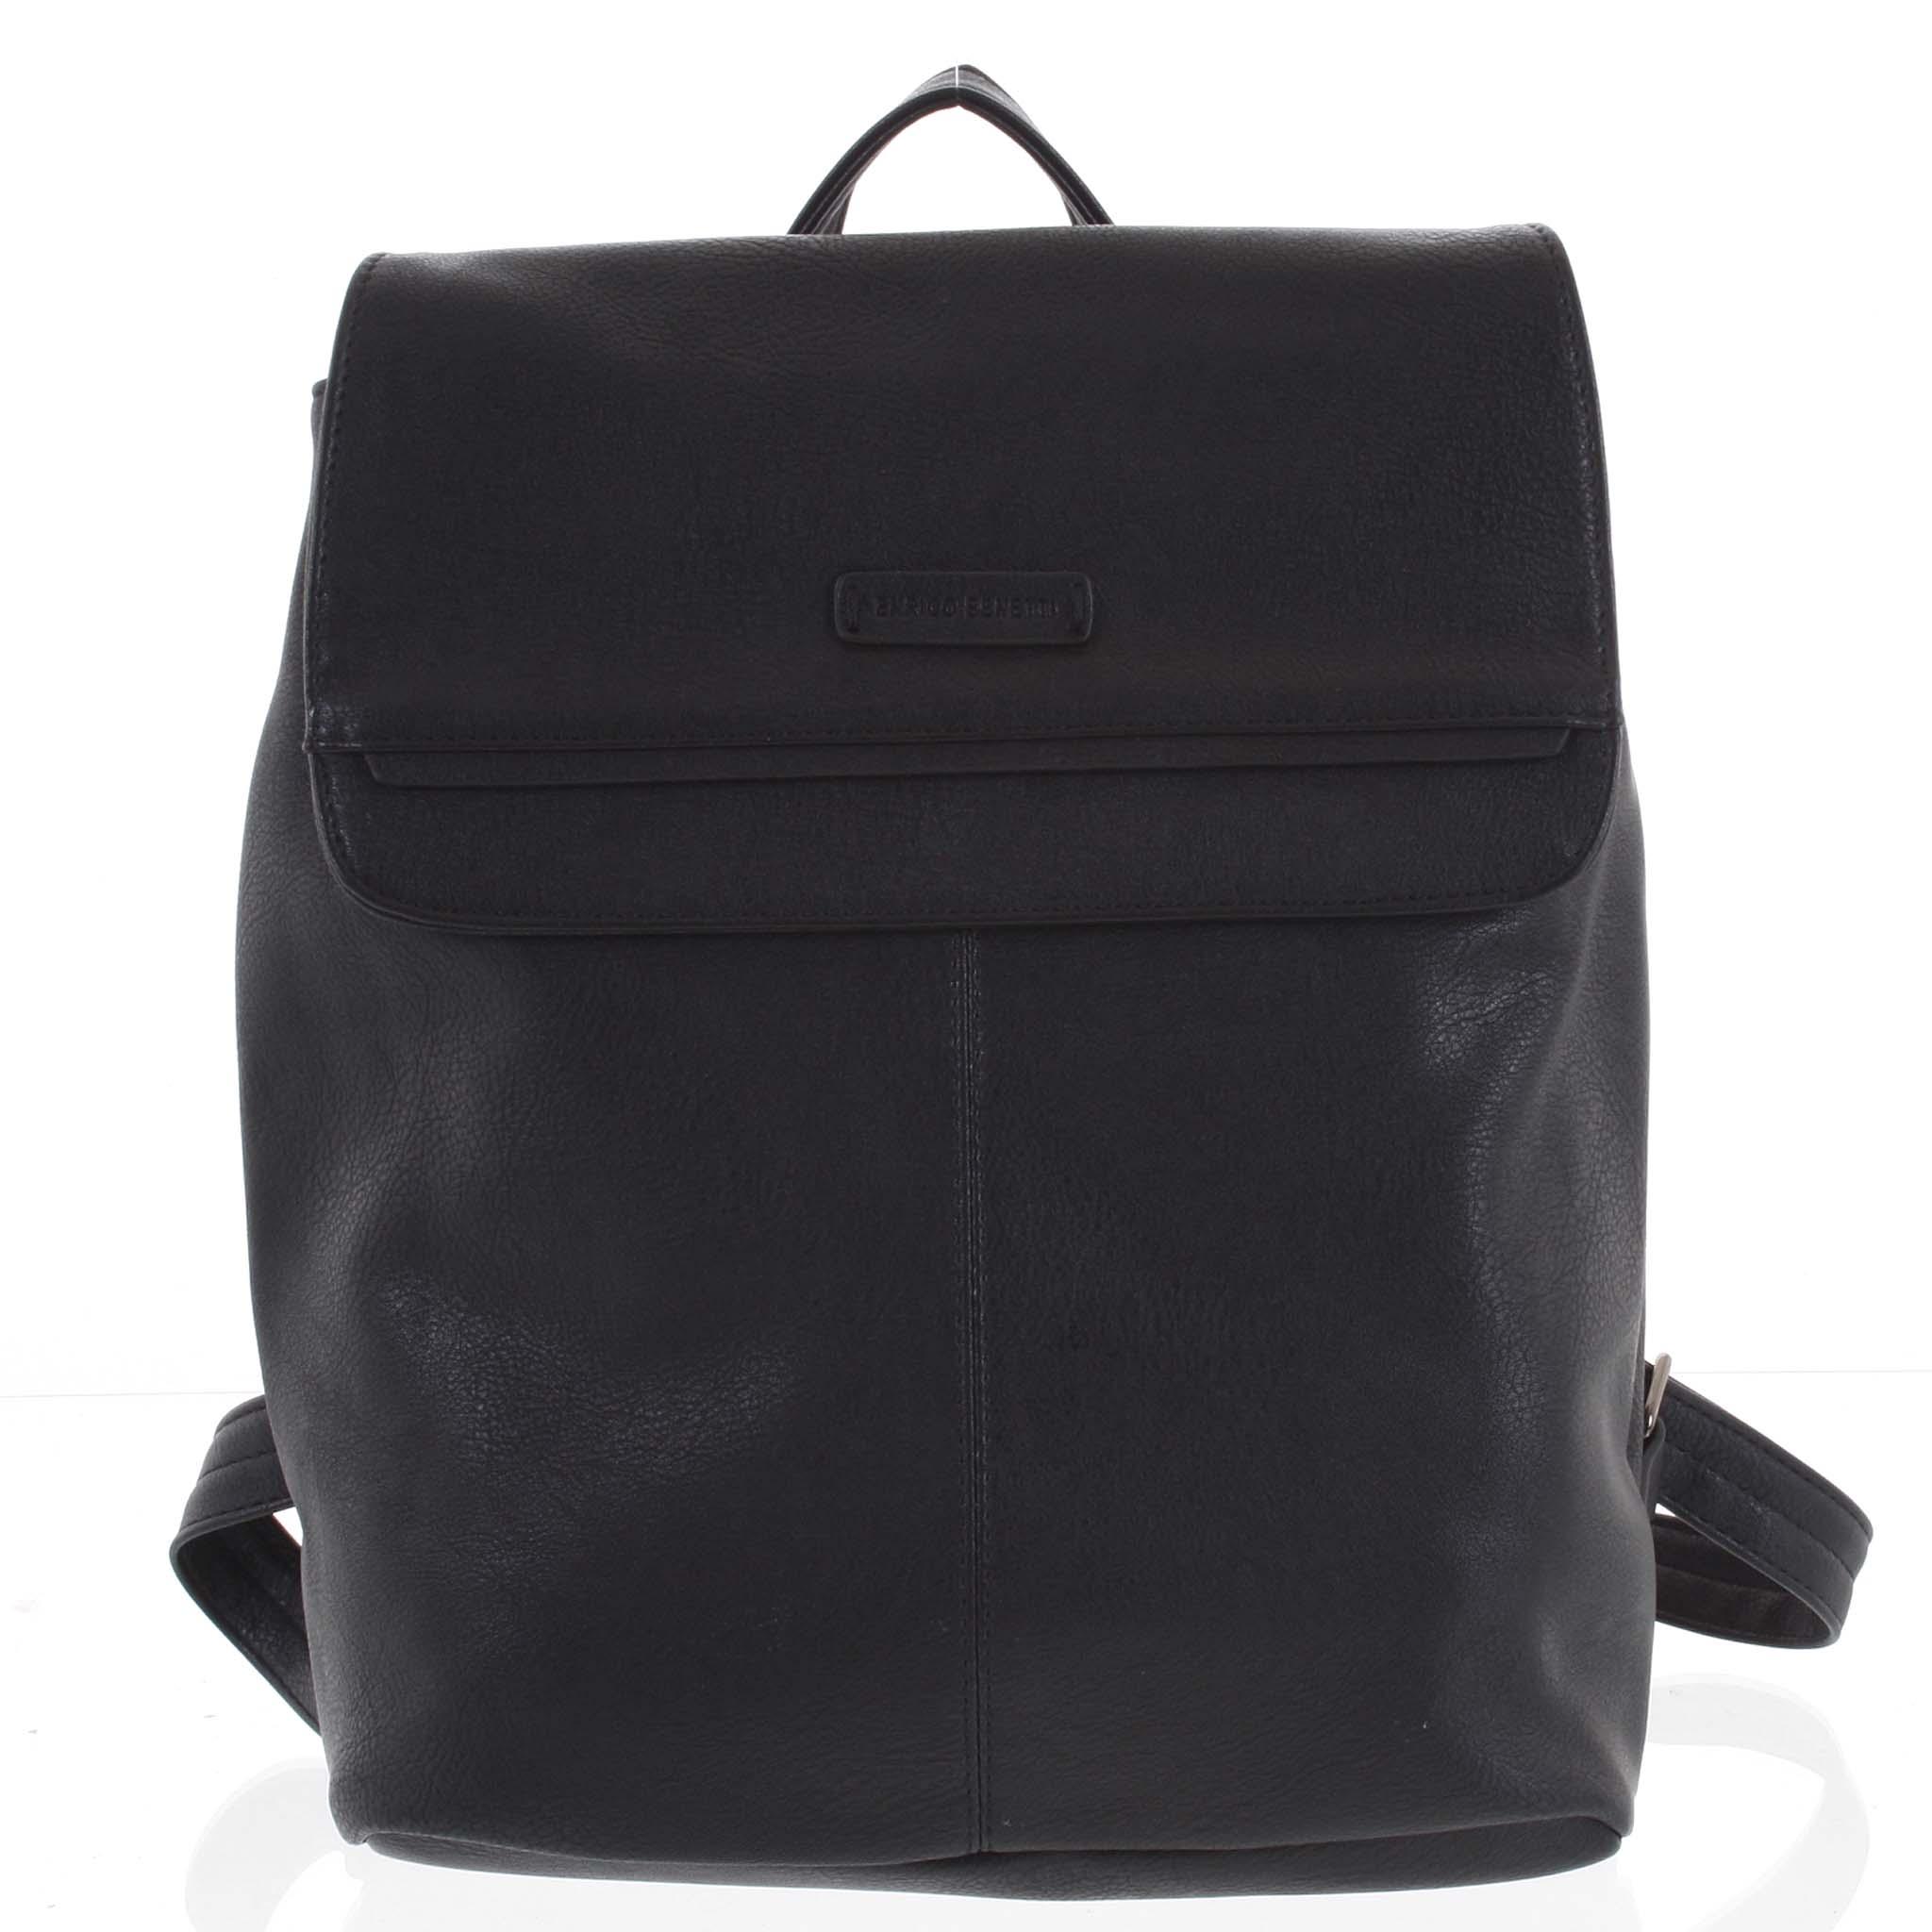 Dámsky štýlový batoh čierny - Enrico Benetti Neneke